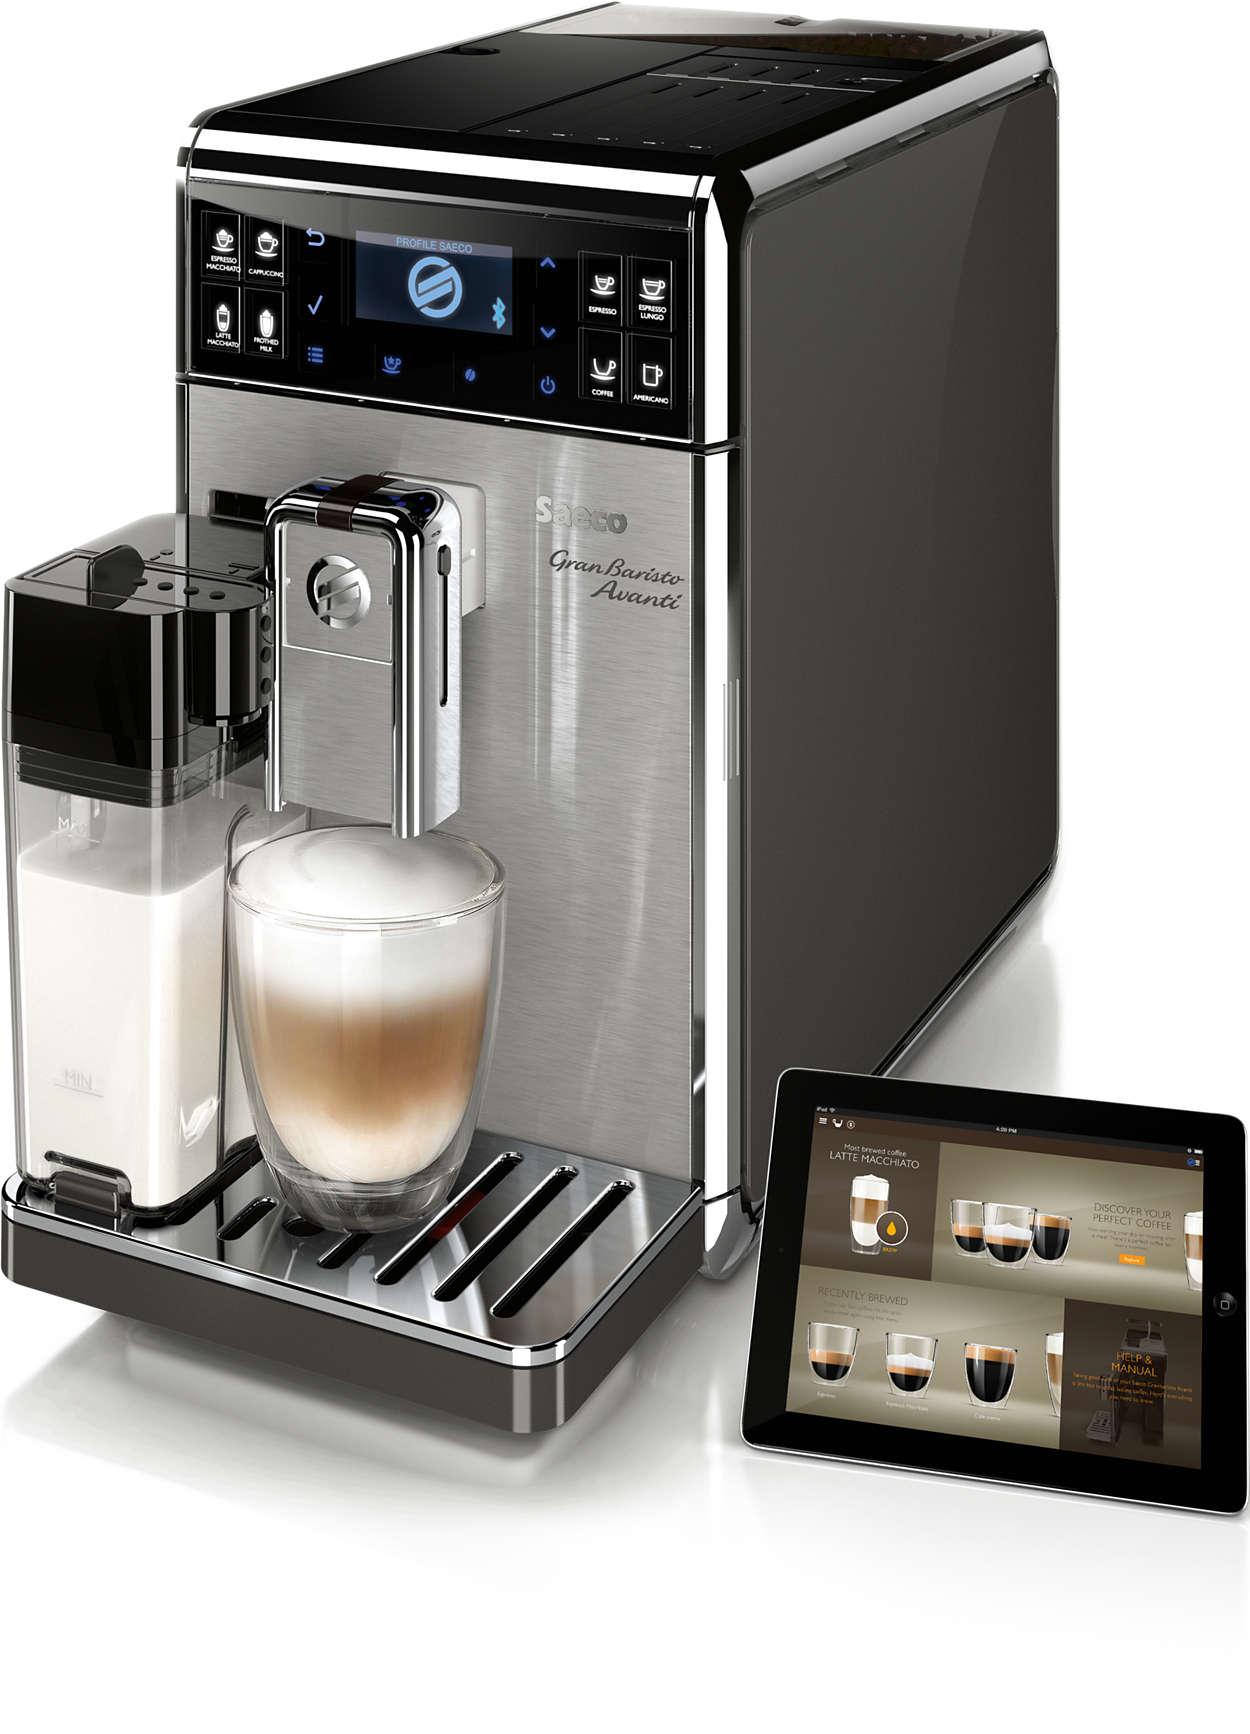 Най-съвършената домашна кафе-машина